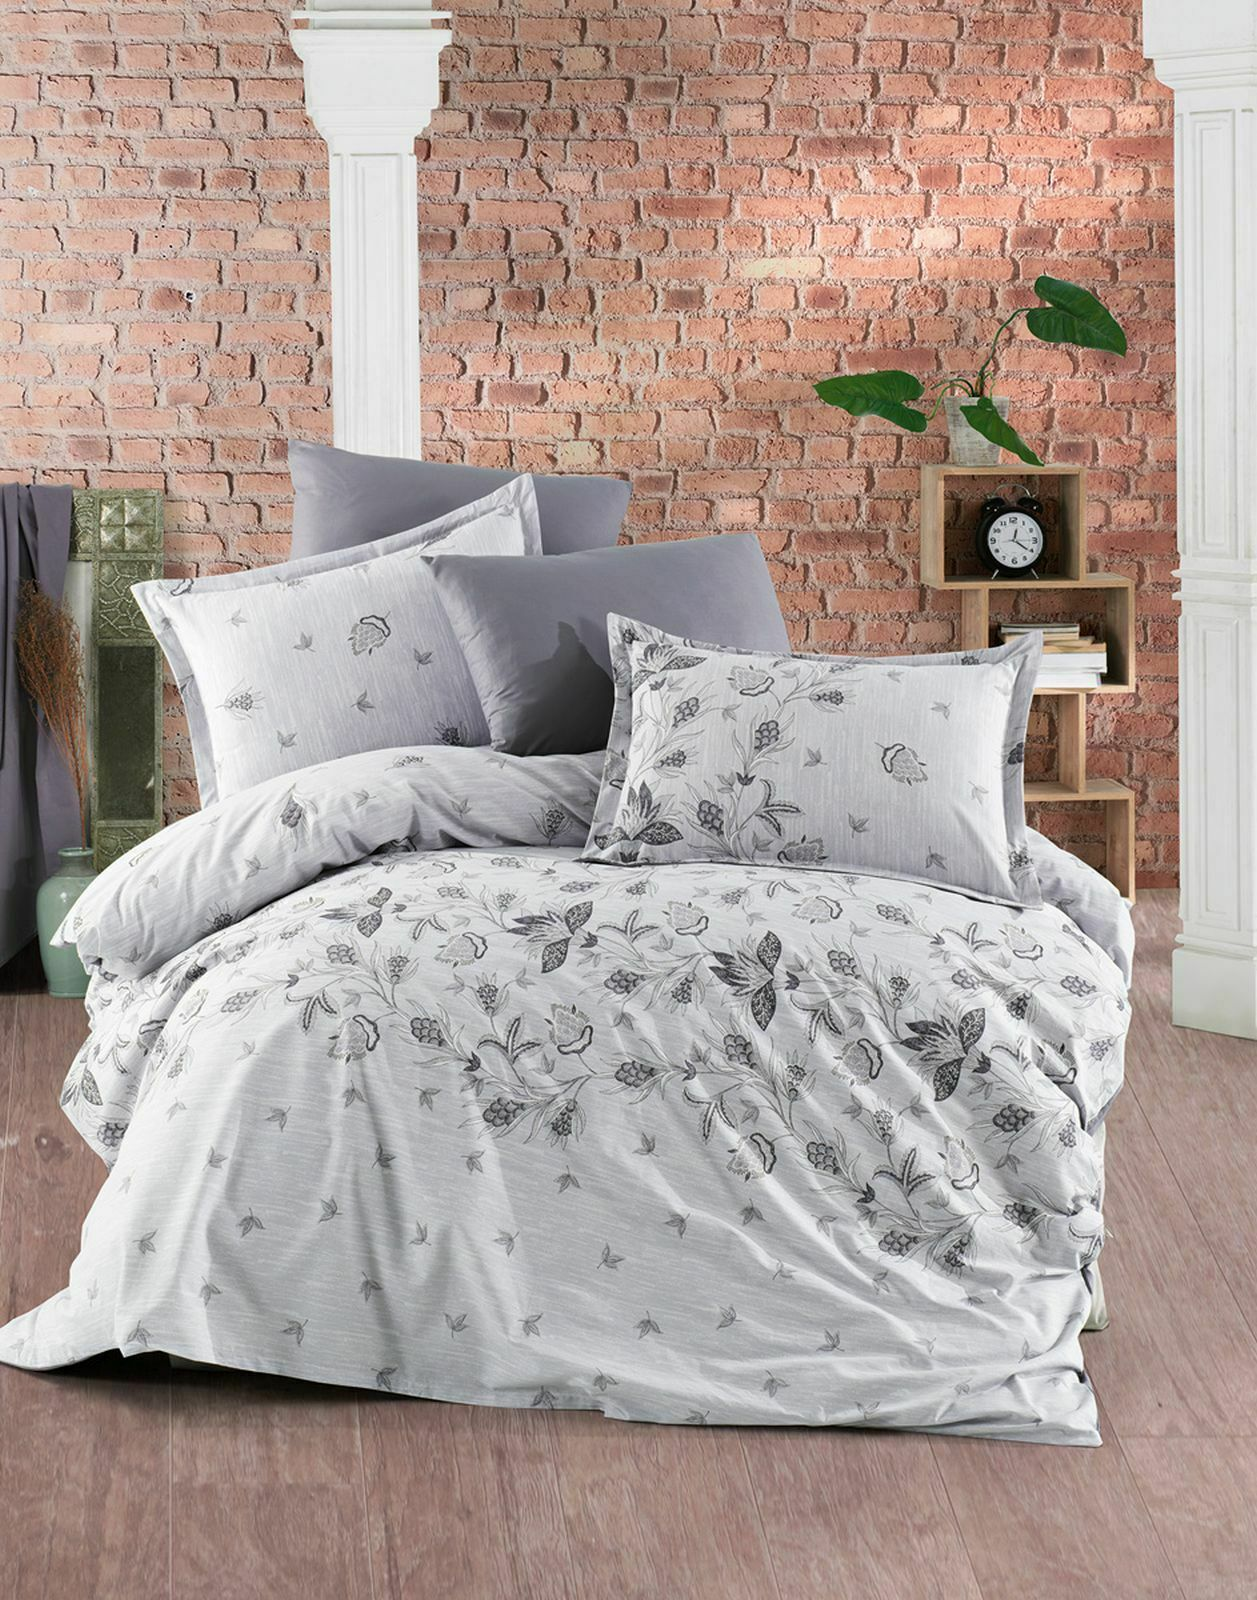 Bettwäsche 220x240 cm Bettgarnitur Bettbezug 100% Baumwolle Kissen 6 tlg SPRING